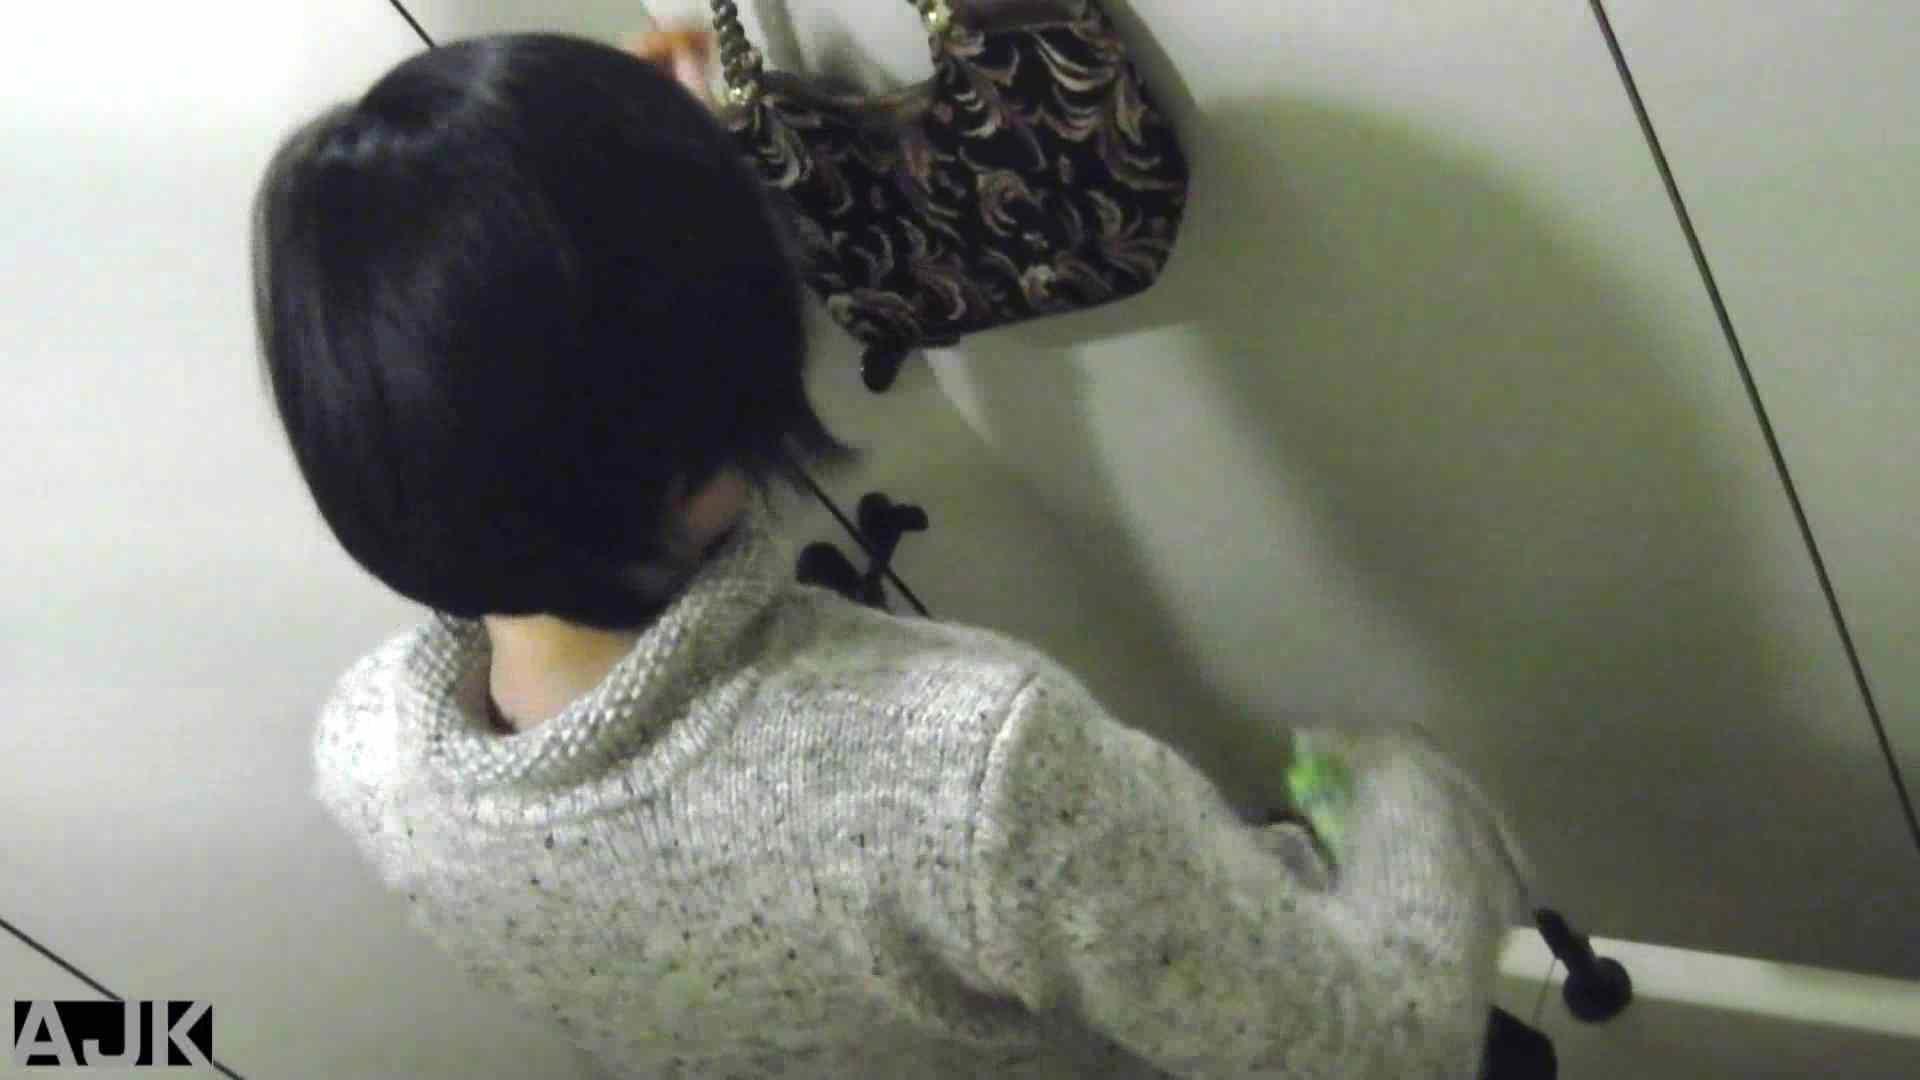 隣国上階級エリアの令嬢たちが集うデパートお手洗い Vol.19 OL   お手洗い  73連発 4